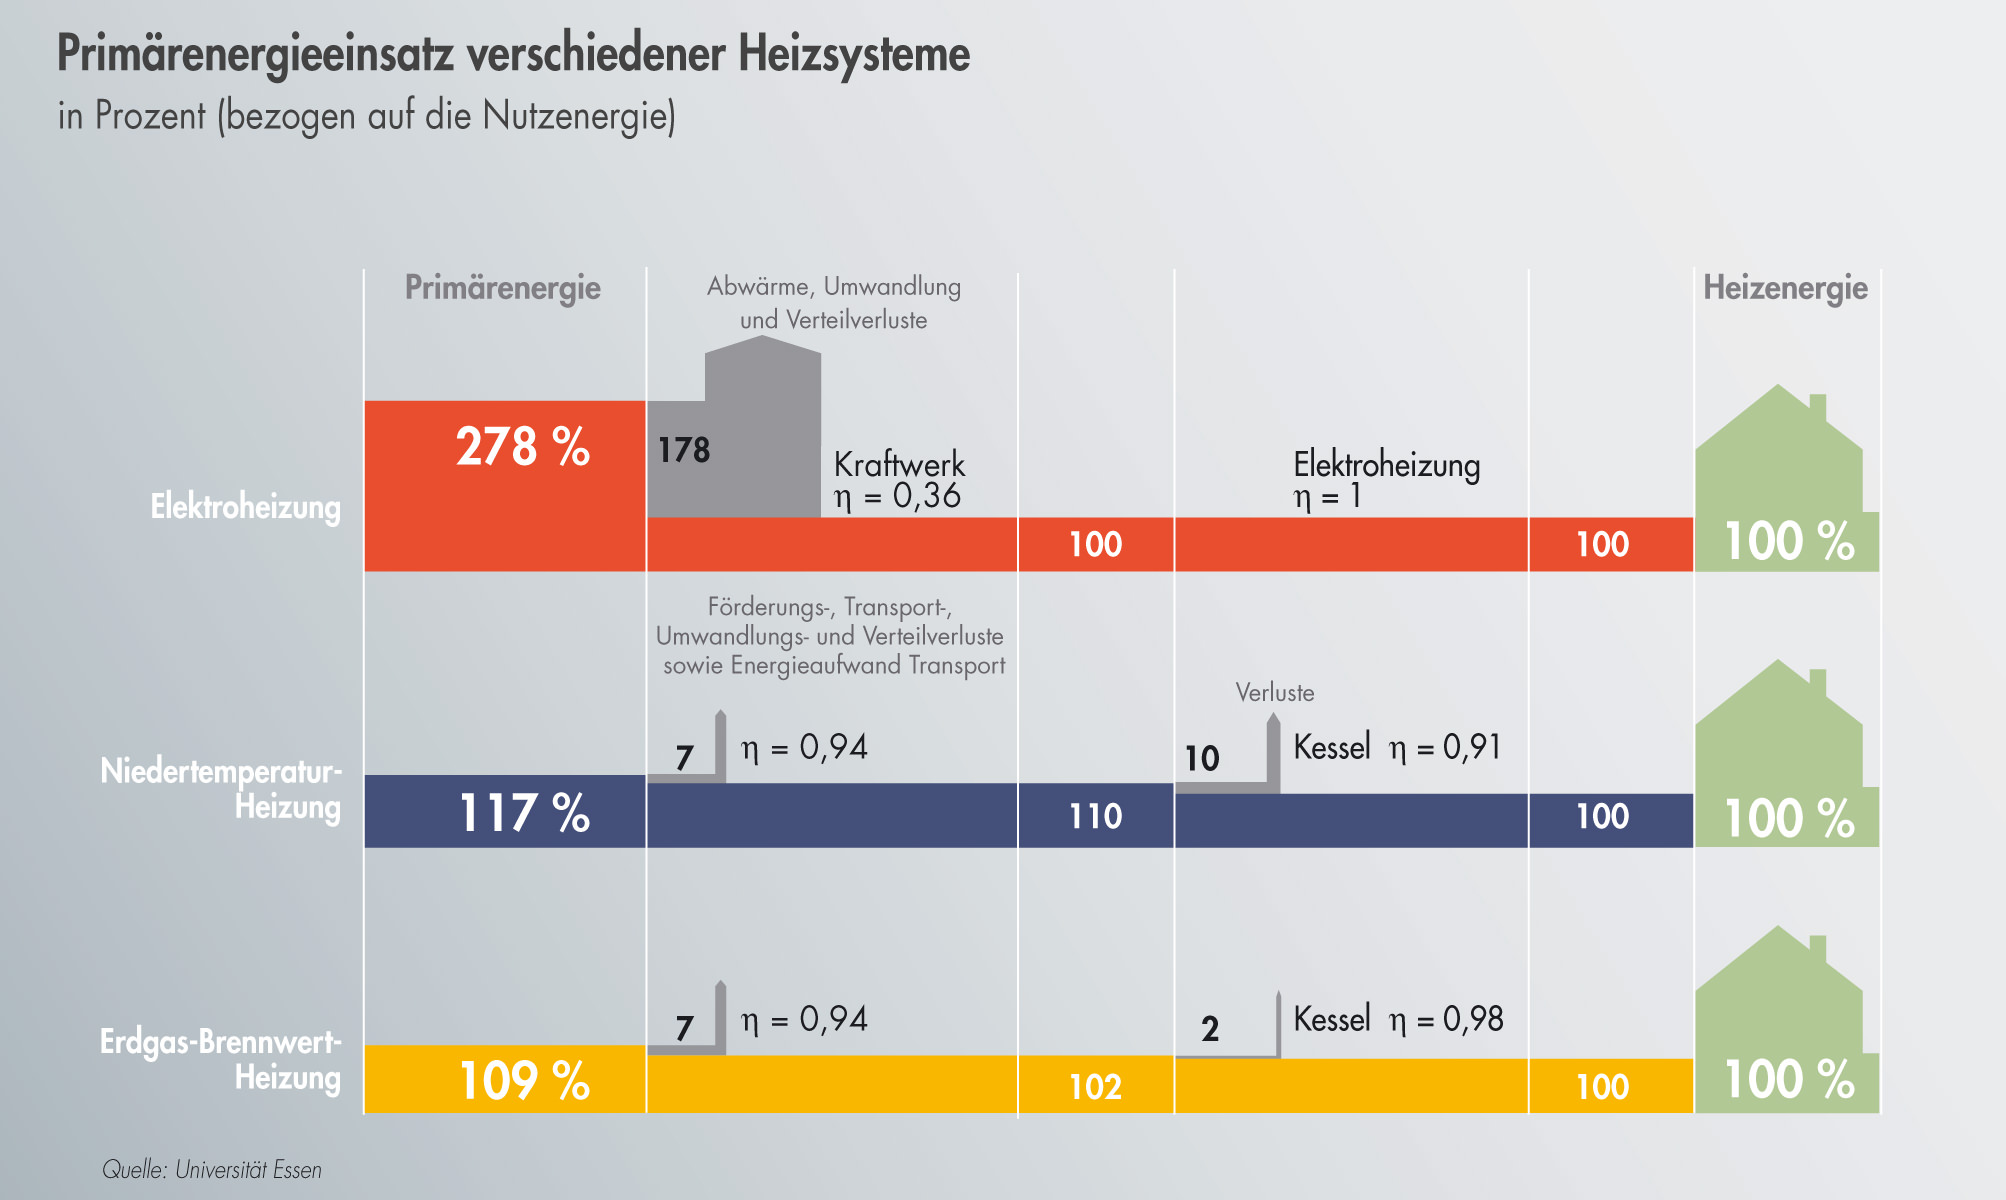 Primärenergiebedarf verschiedener Heizsysteme. Der Primärenergiefaktor für Strom gemäß EnEV beträgt mittlerweile 2,4 – doch die Relationen stimmen.